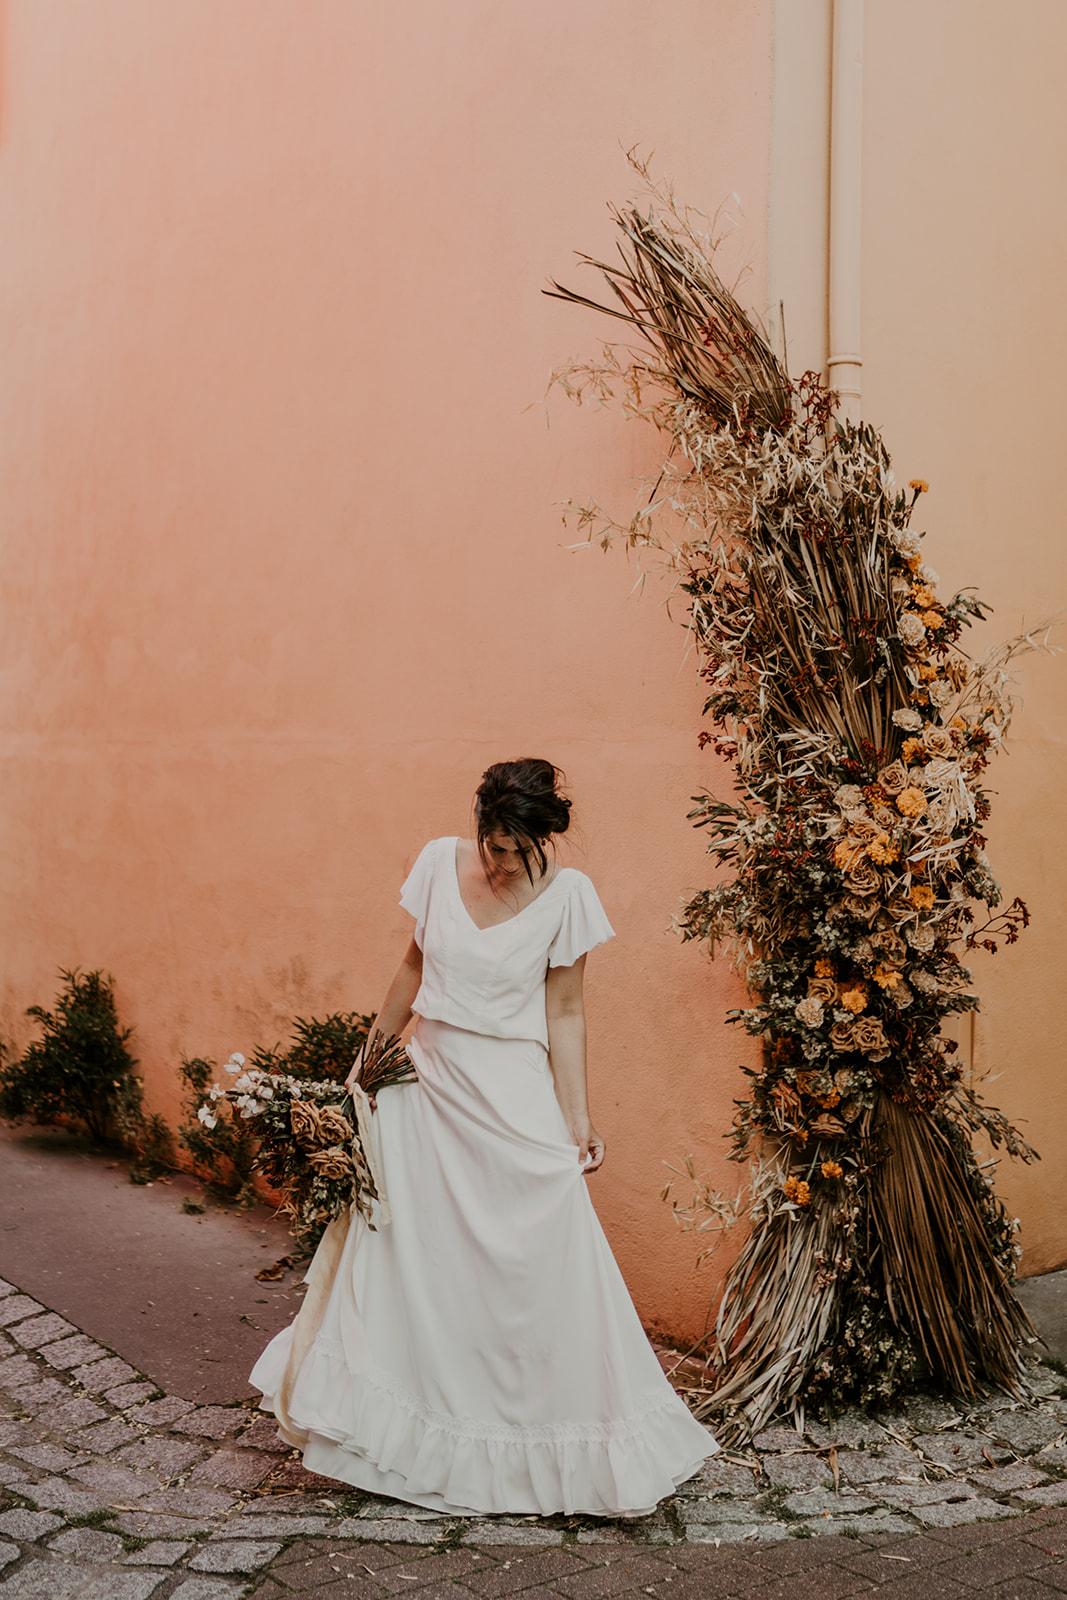 robe de mariee boheme devant arche boheme ceremonie laique